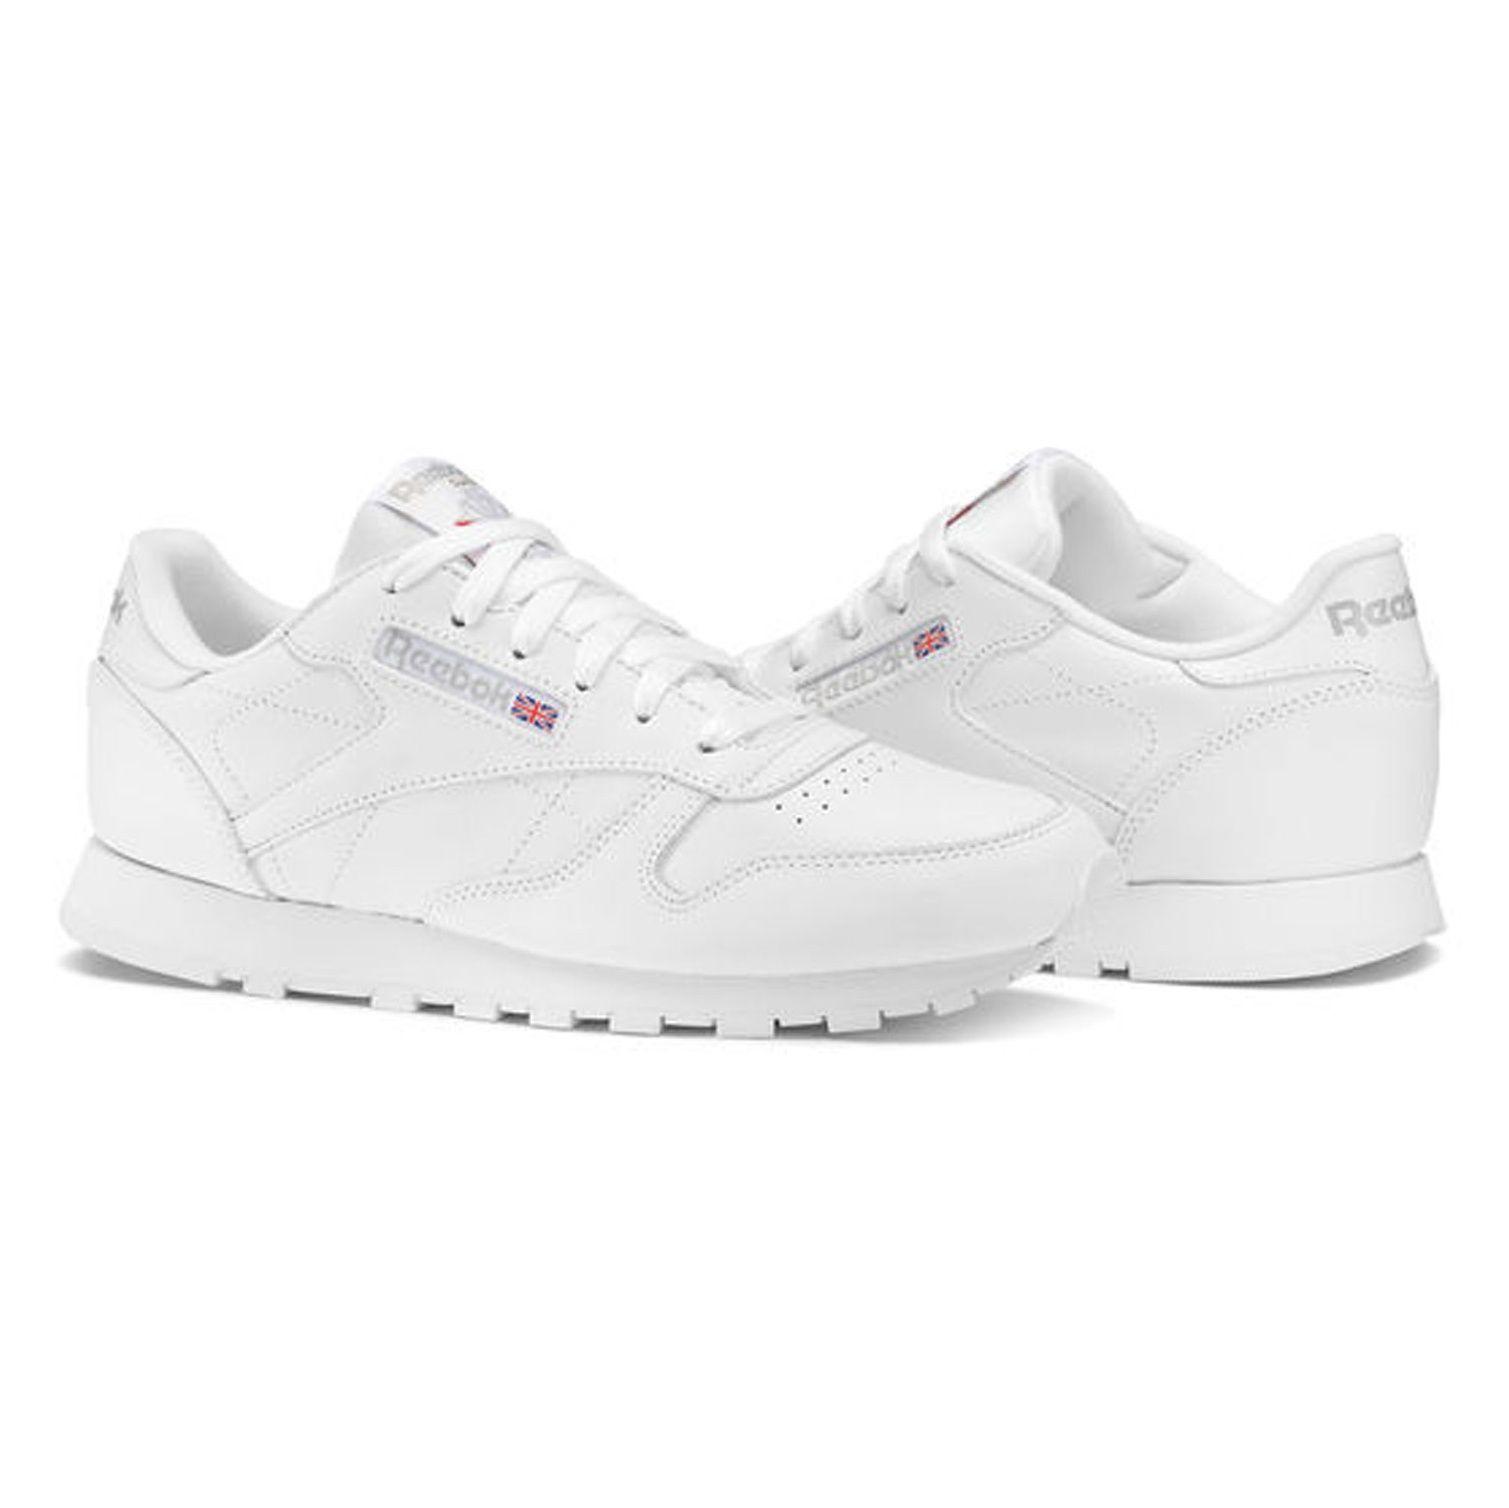 کفش مخصوص پیاده روی زنانه ریباک کد 2232 main 1 5